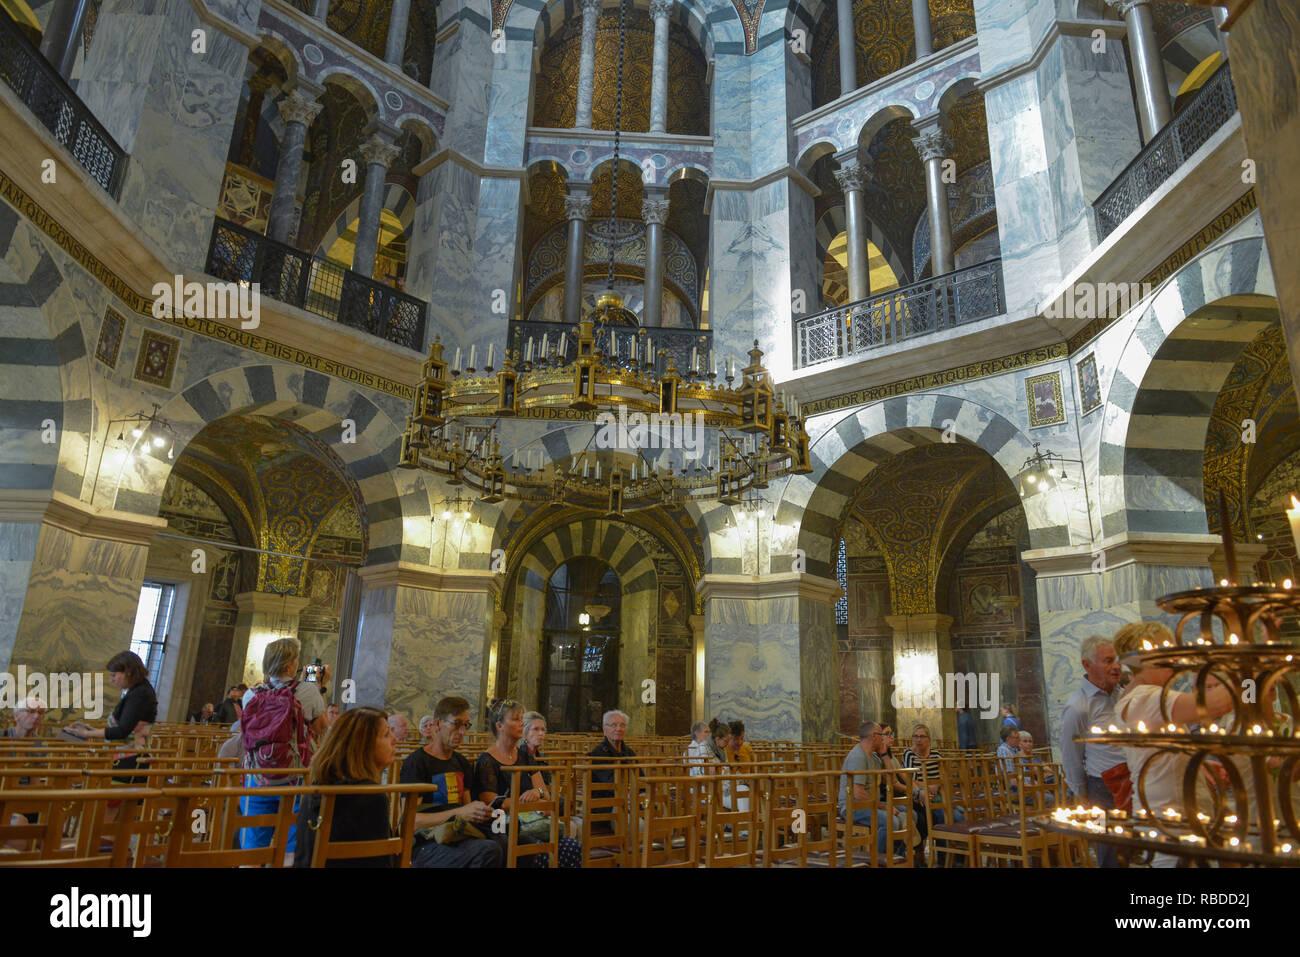 Karl's chapel central construction, cathedral, Aachen, North Rhine-Westphalia, Germany, Karlskapelle Zentralbau, Dom, Nordrhein-Westfalen, Deutschland Stock Photo